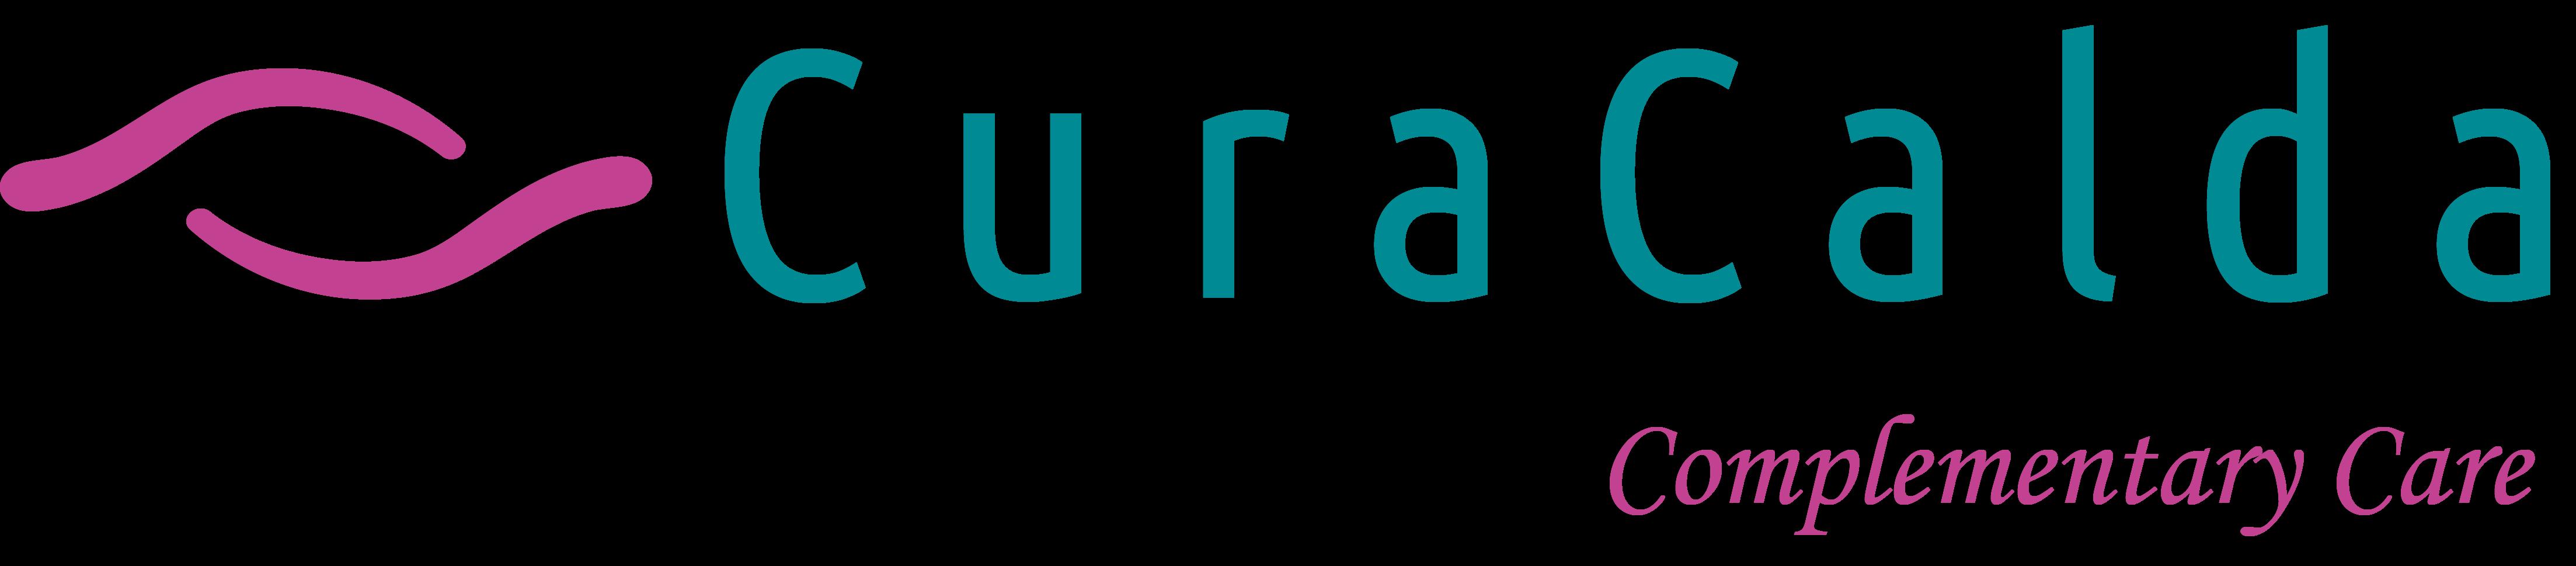 CuraCalda.nl